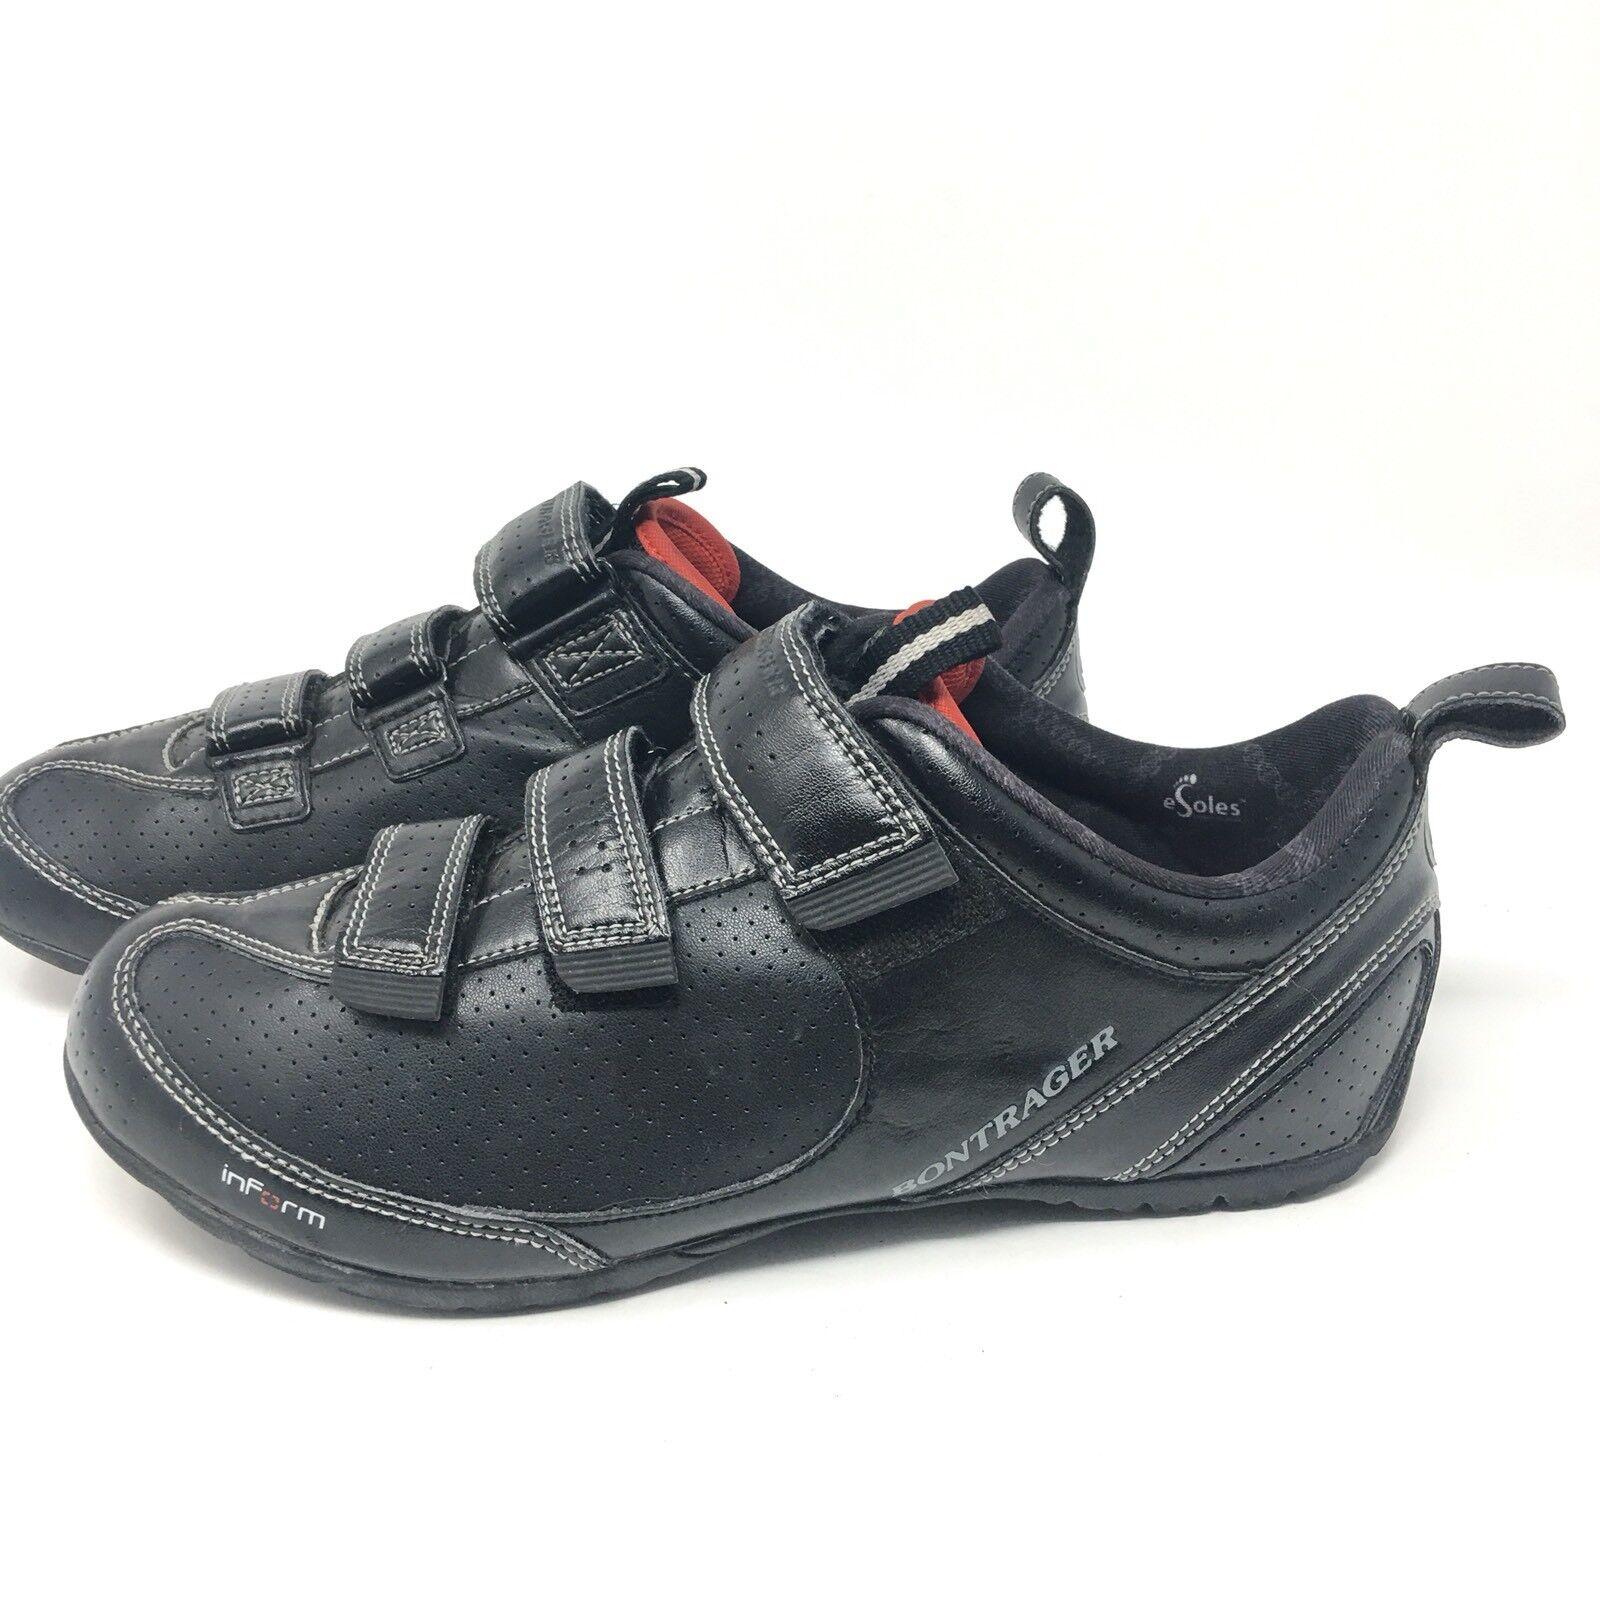 Bontrager informare gli gli gli uomini in moto con le scarpe taglia 10 w / docup nero mountain d30080